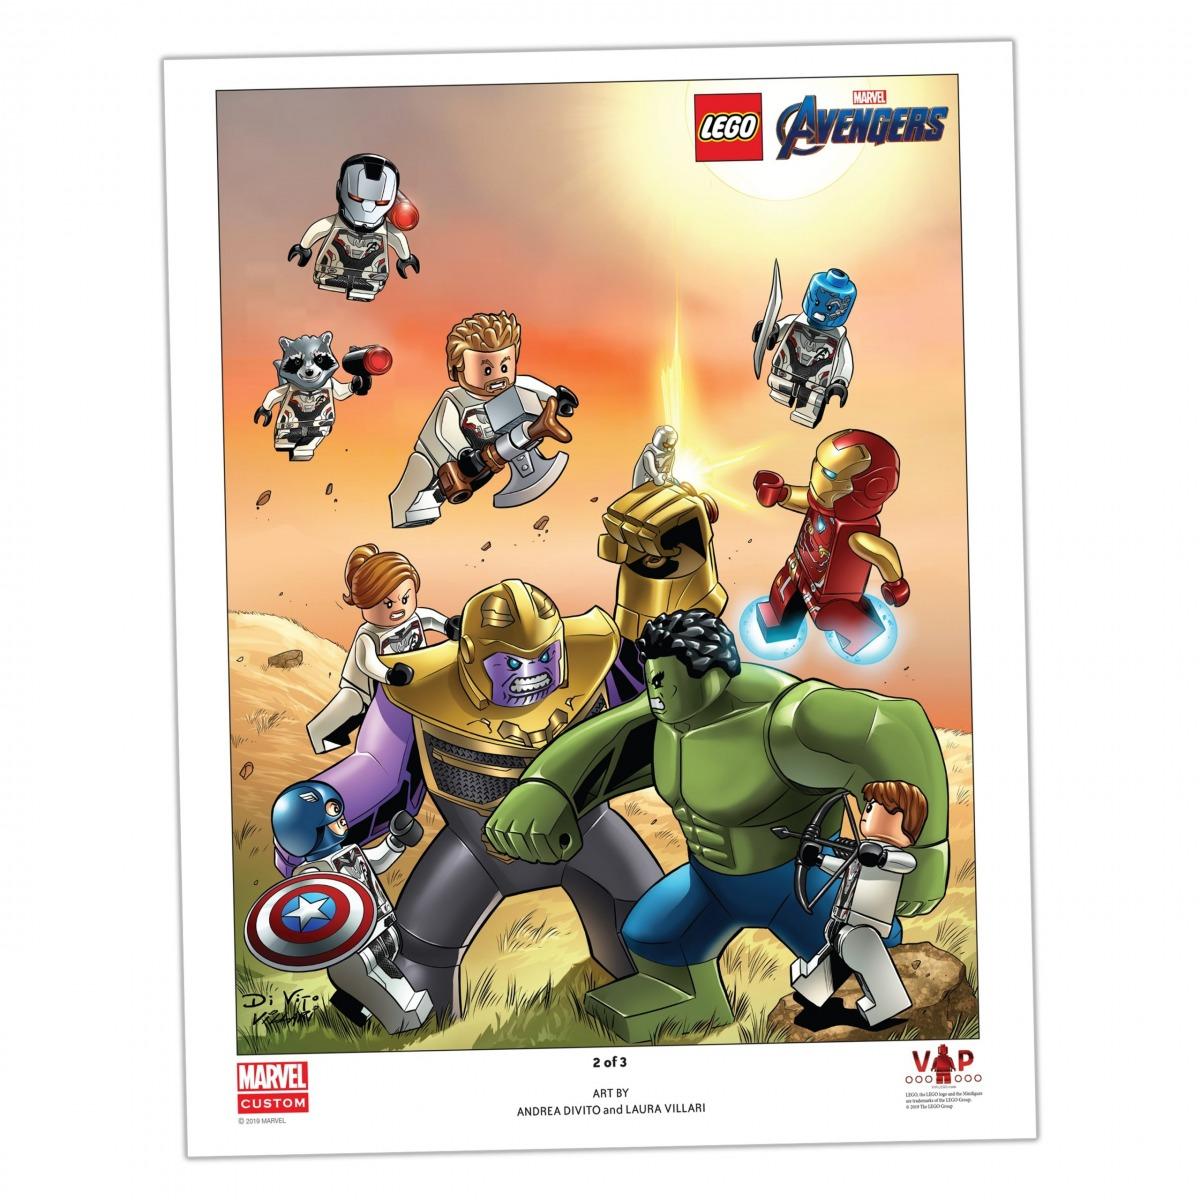 reproduccion artistica 2 de 3 lego 5005881 de avengers endgame scaled